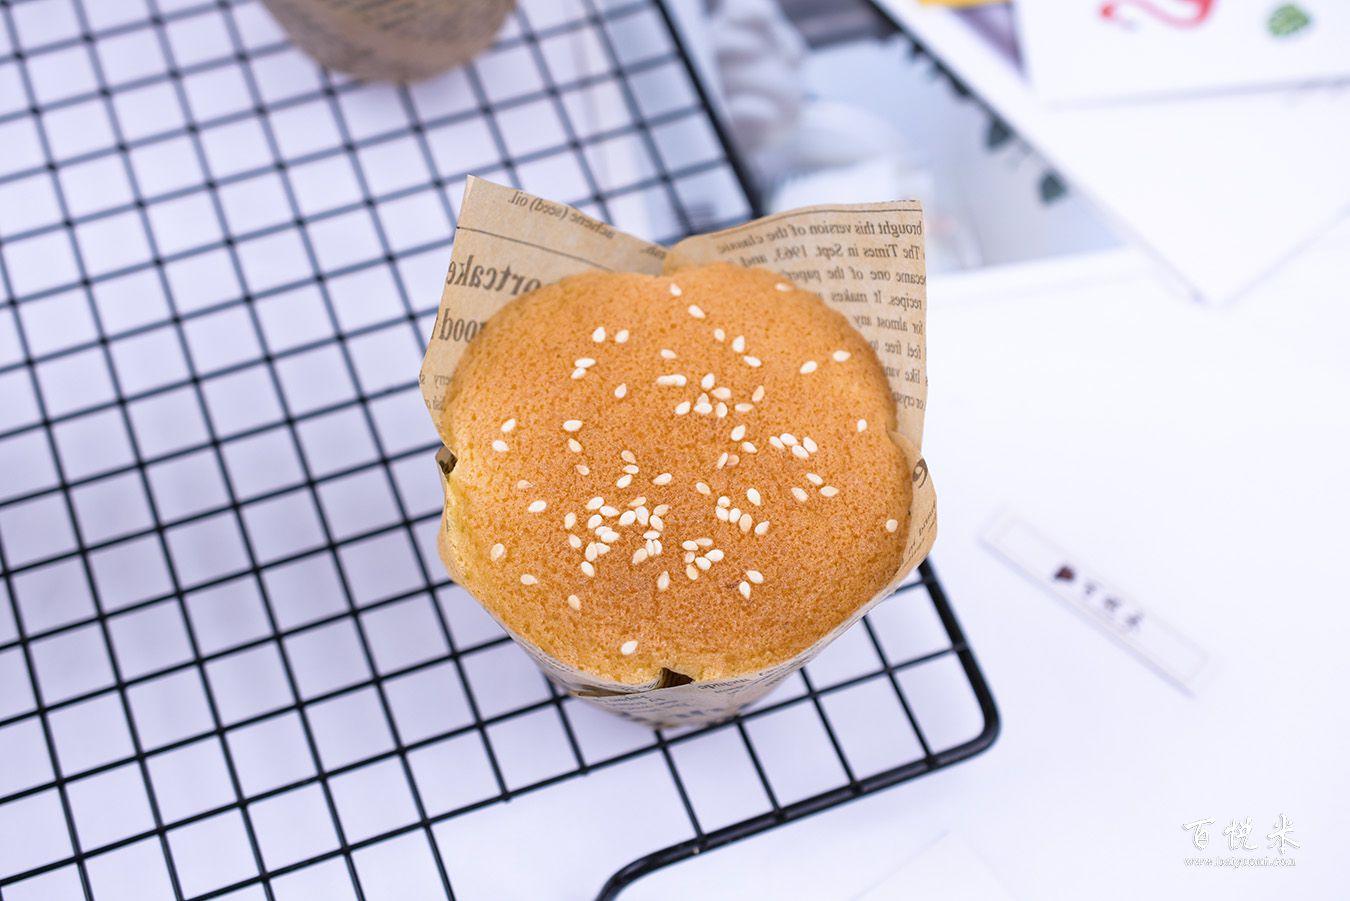 脆皮小蛋糕高清图片大全【蛋糕图片】_1354